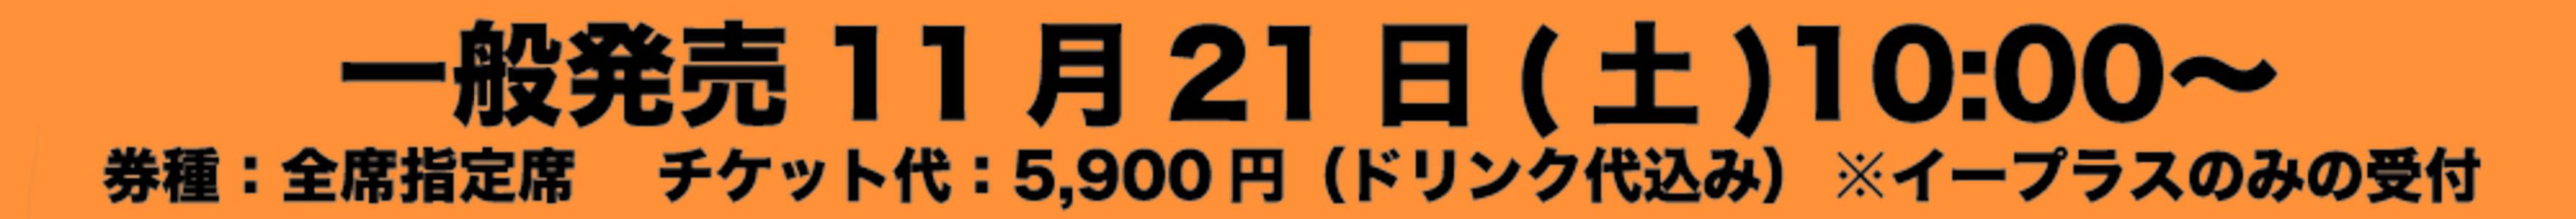 打首獄門同好会 新型コロナウイルスが憎いツアー2020 大阪公演